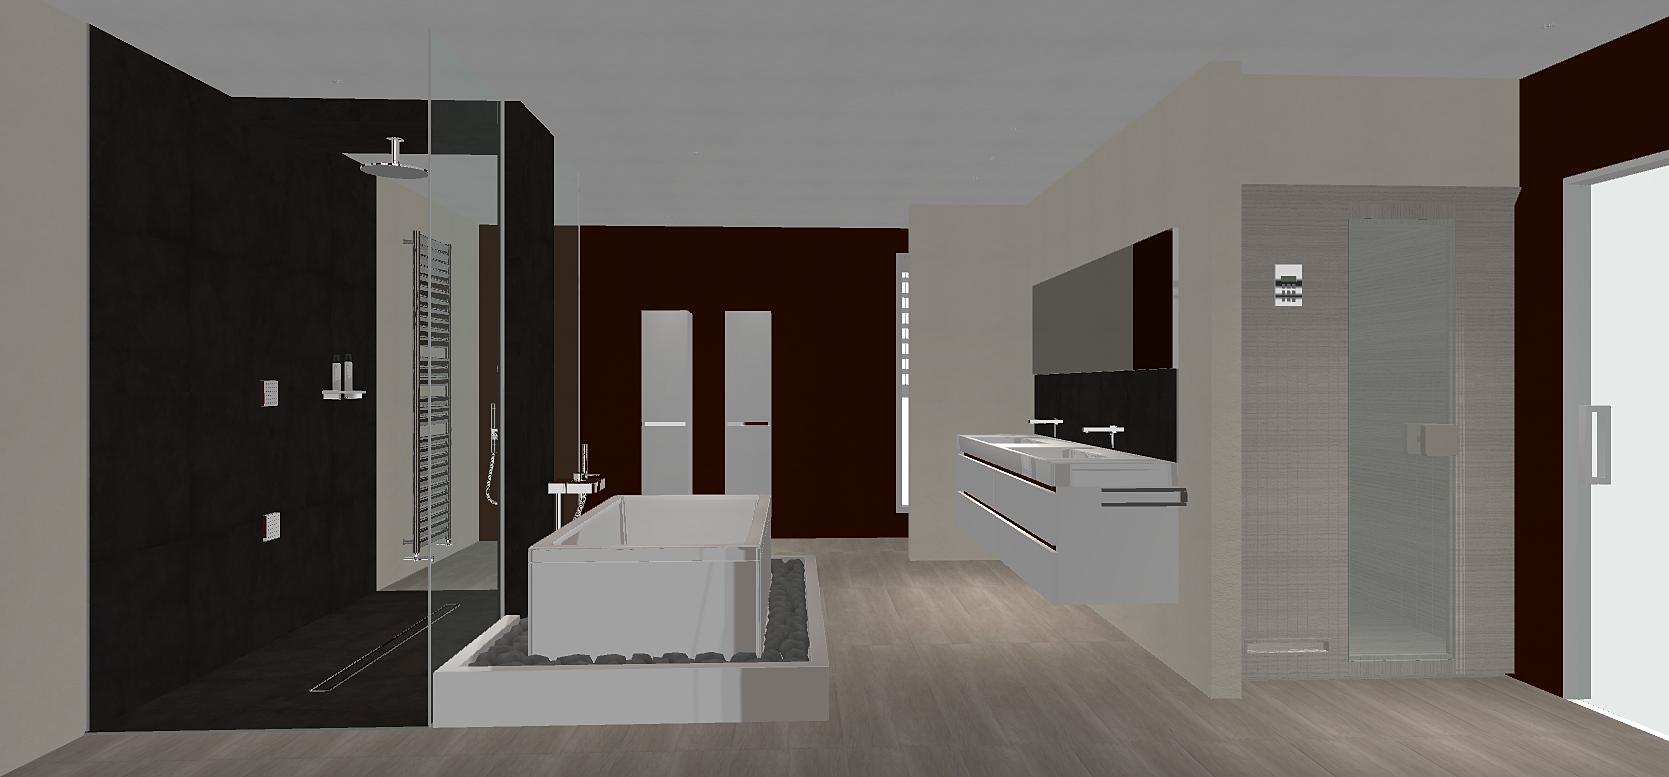 Aanbevolen 849 badkamer 3d afbeelding foto beste voorbeelden afbeeldingen ontwerpen idee n - Afbeelding voor badkamer ...